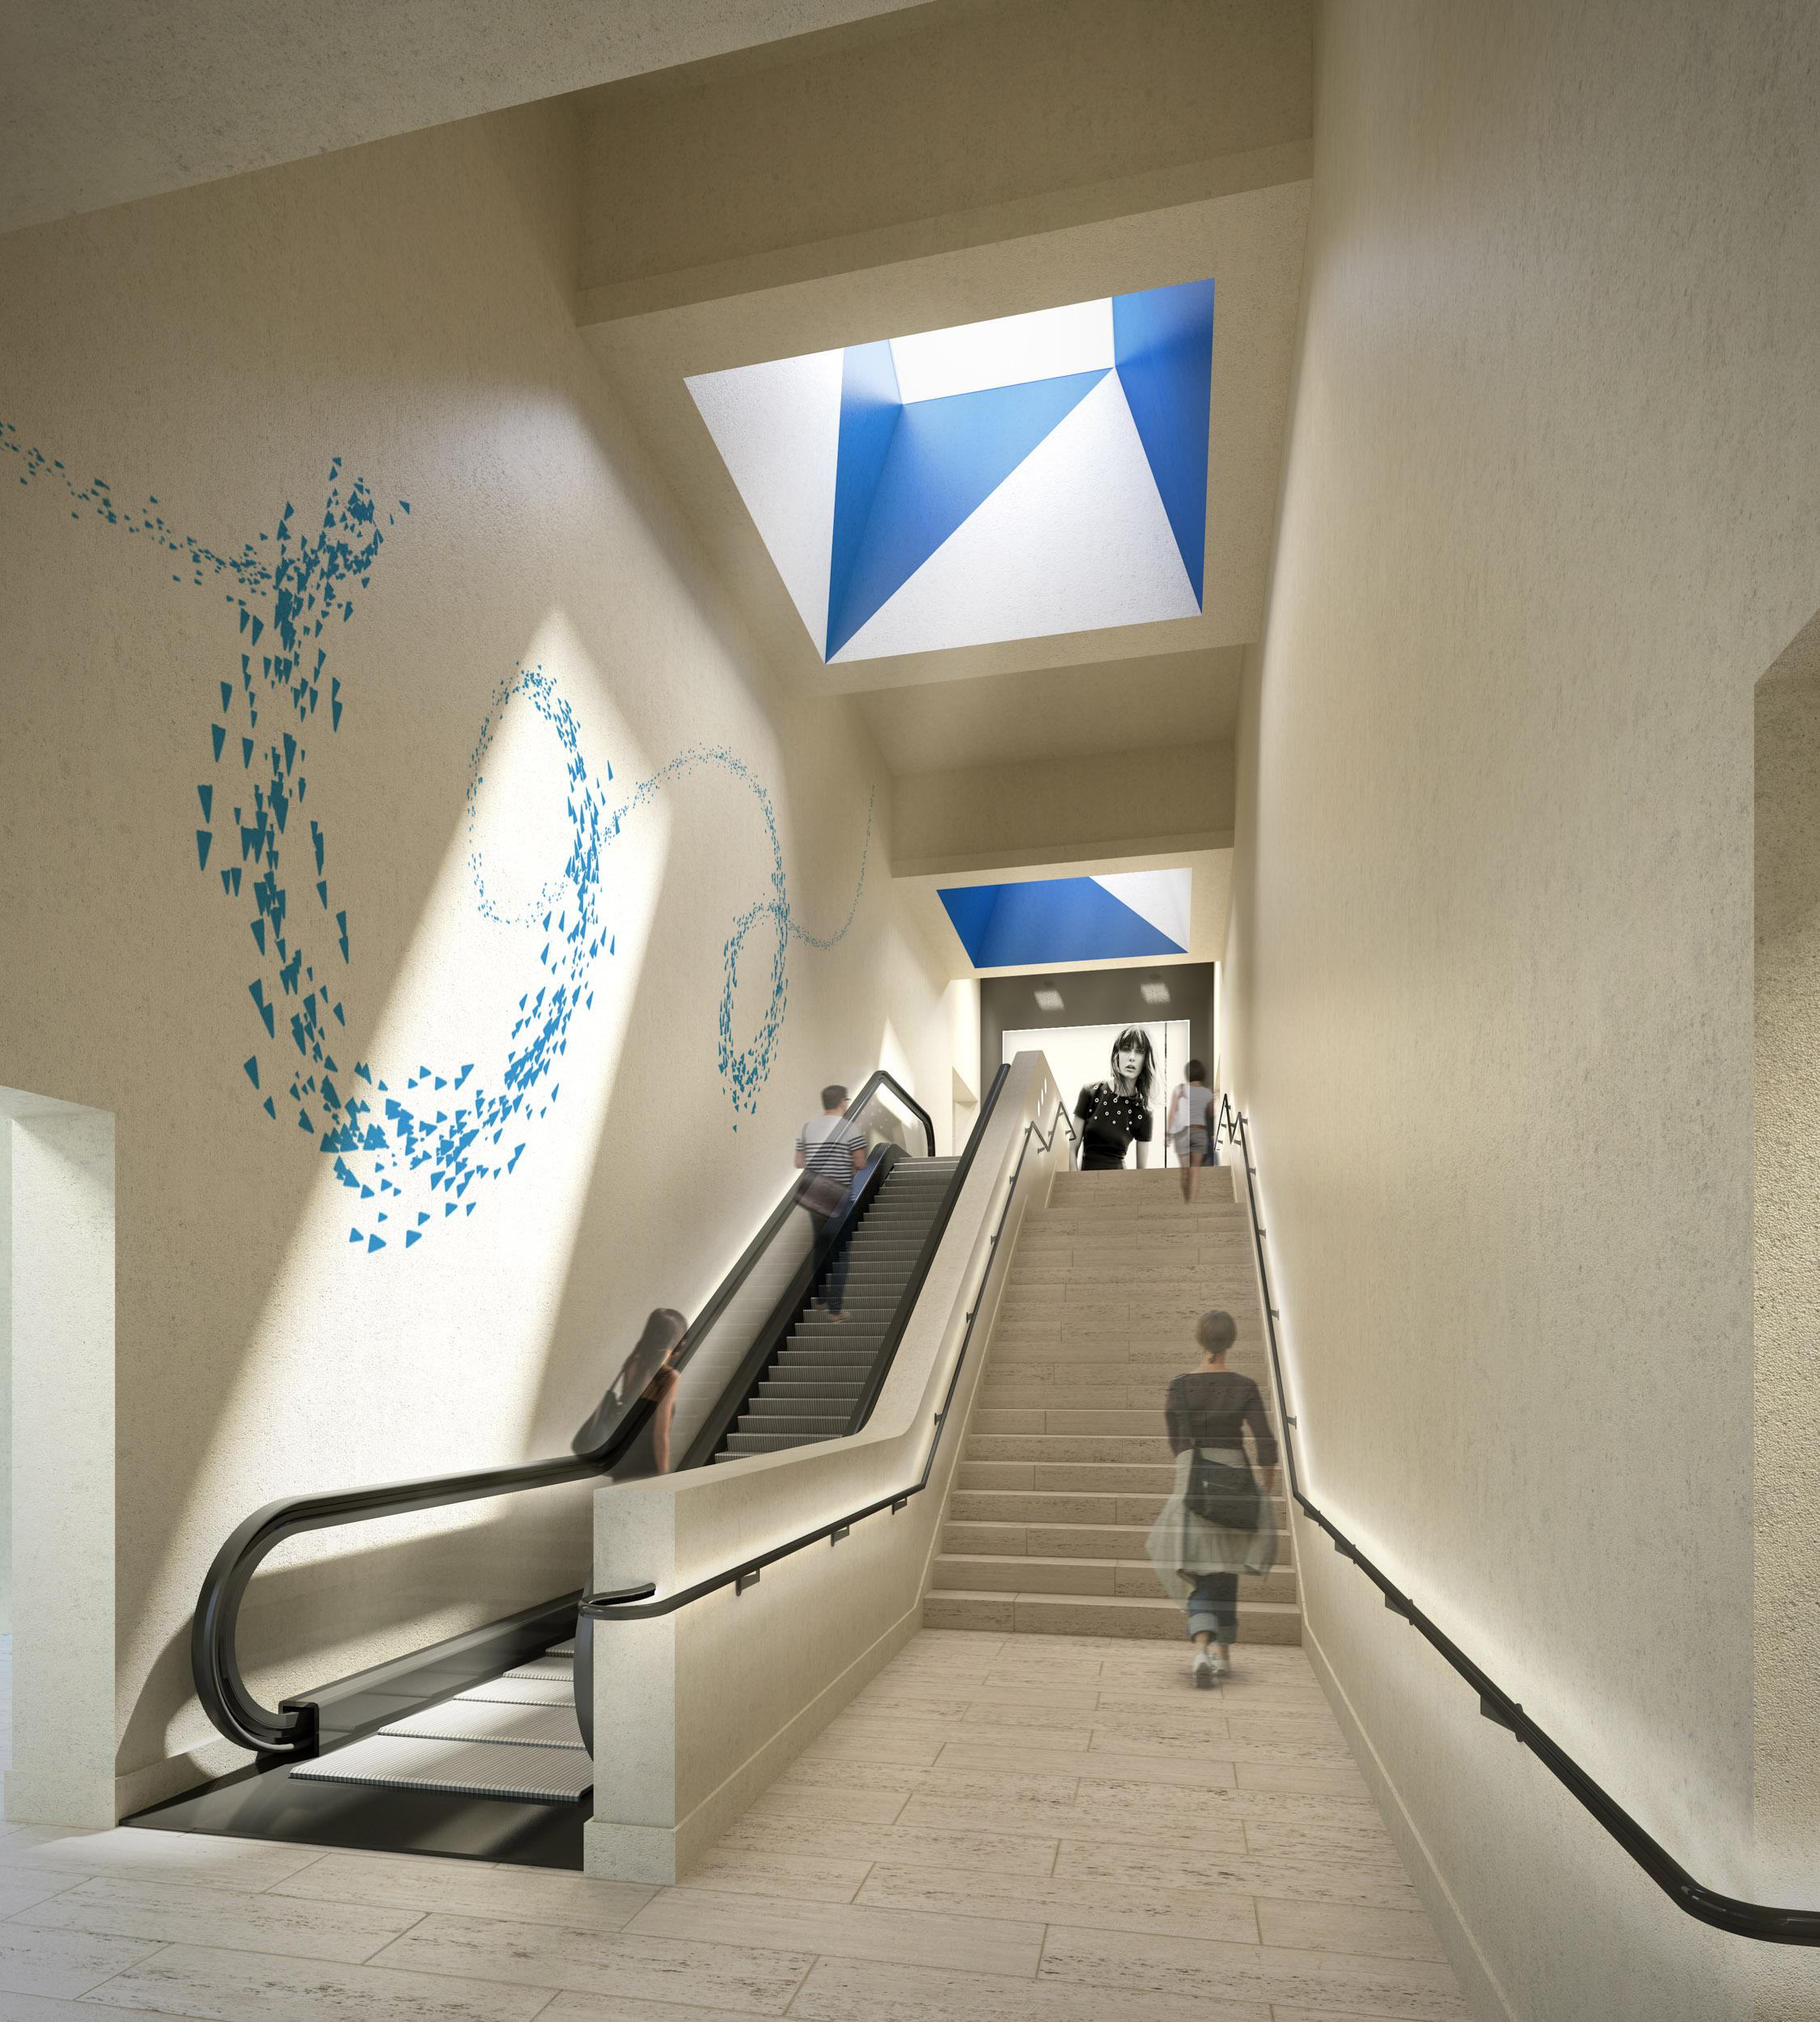 Entwurf-Flughafen-Terminal-Innenraum-Konzept-Gestaltung-Treppenhaus-Wand.jpg